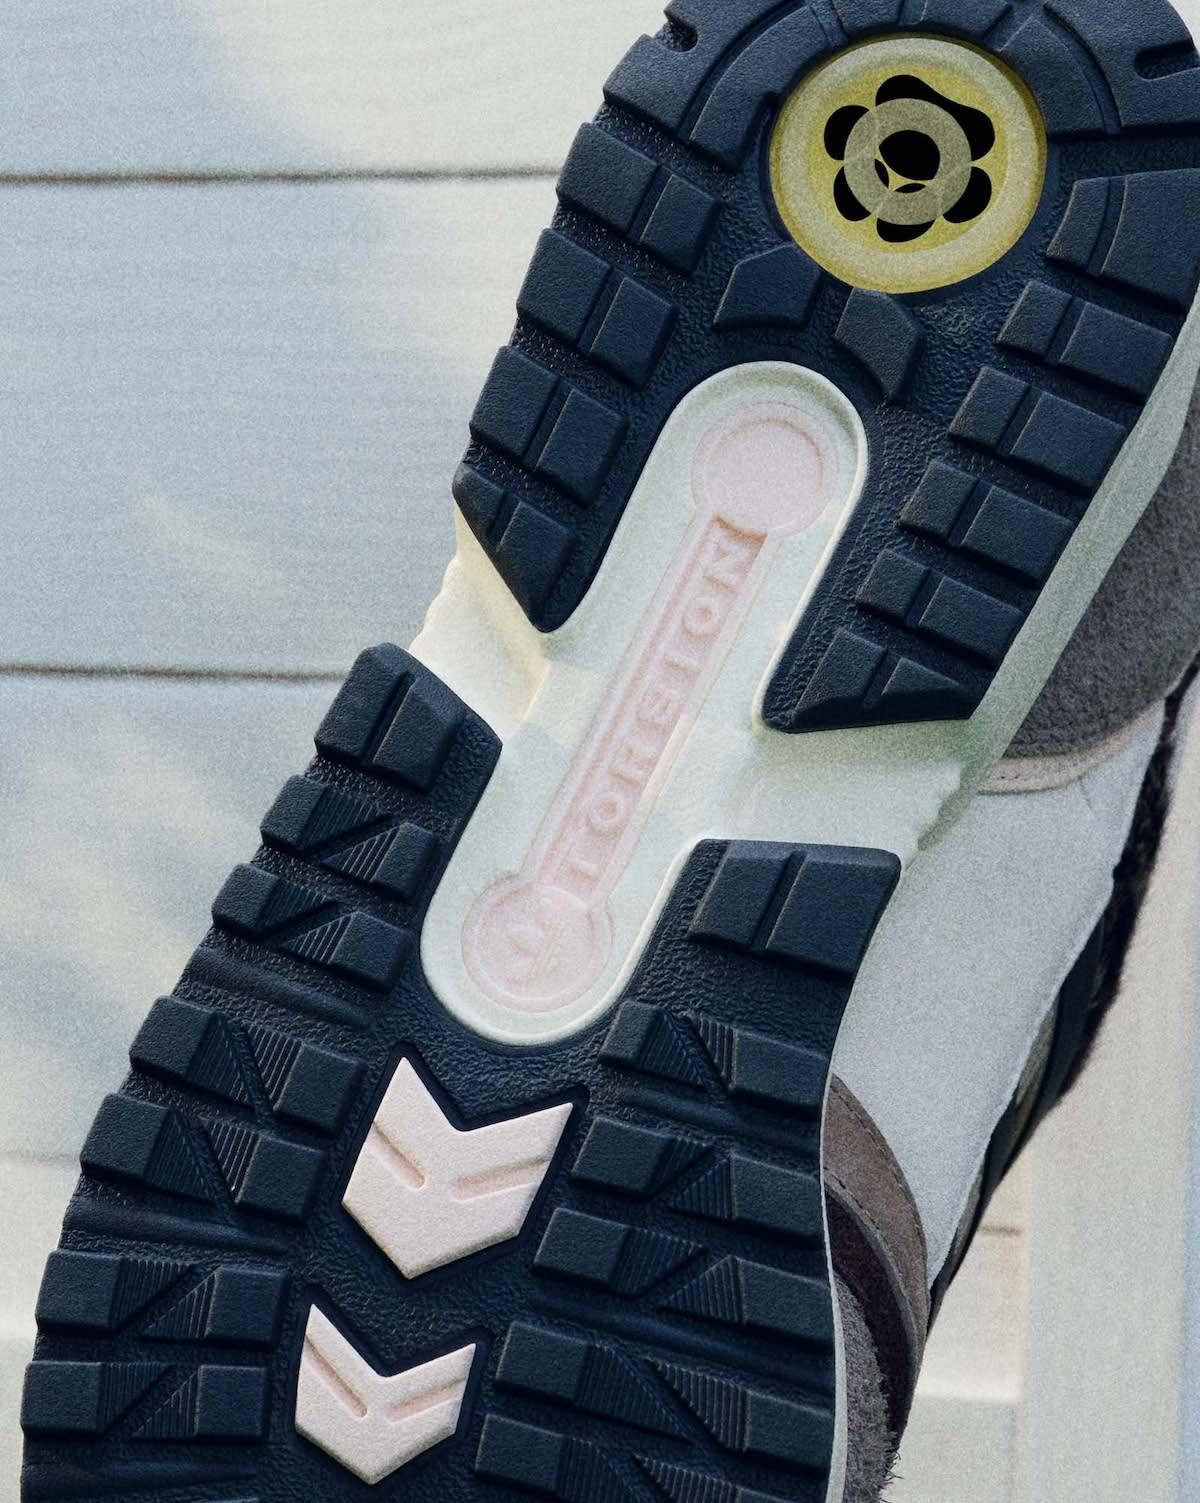 Extra Butter x adidas CSG 91 Mans Best Friend Release Date Info